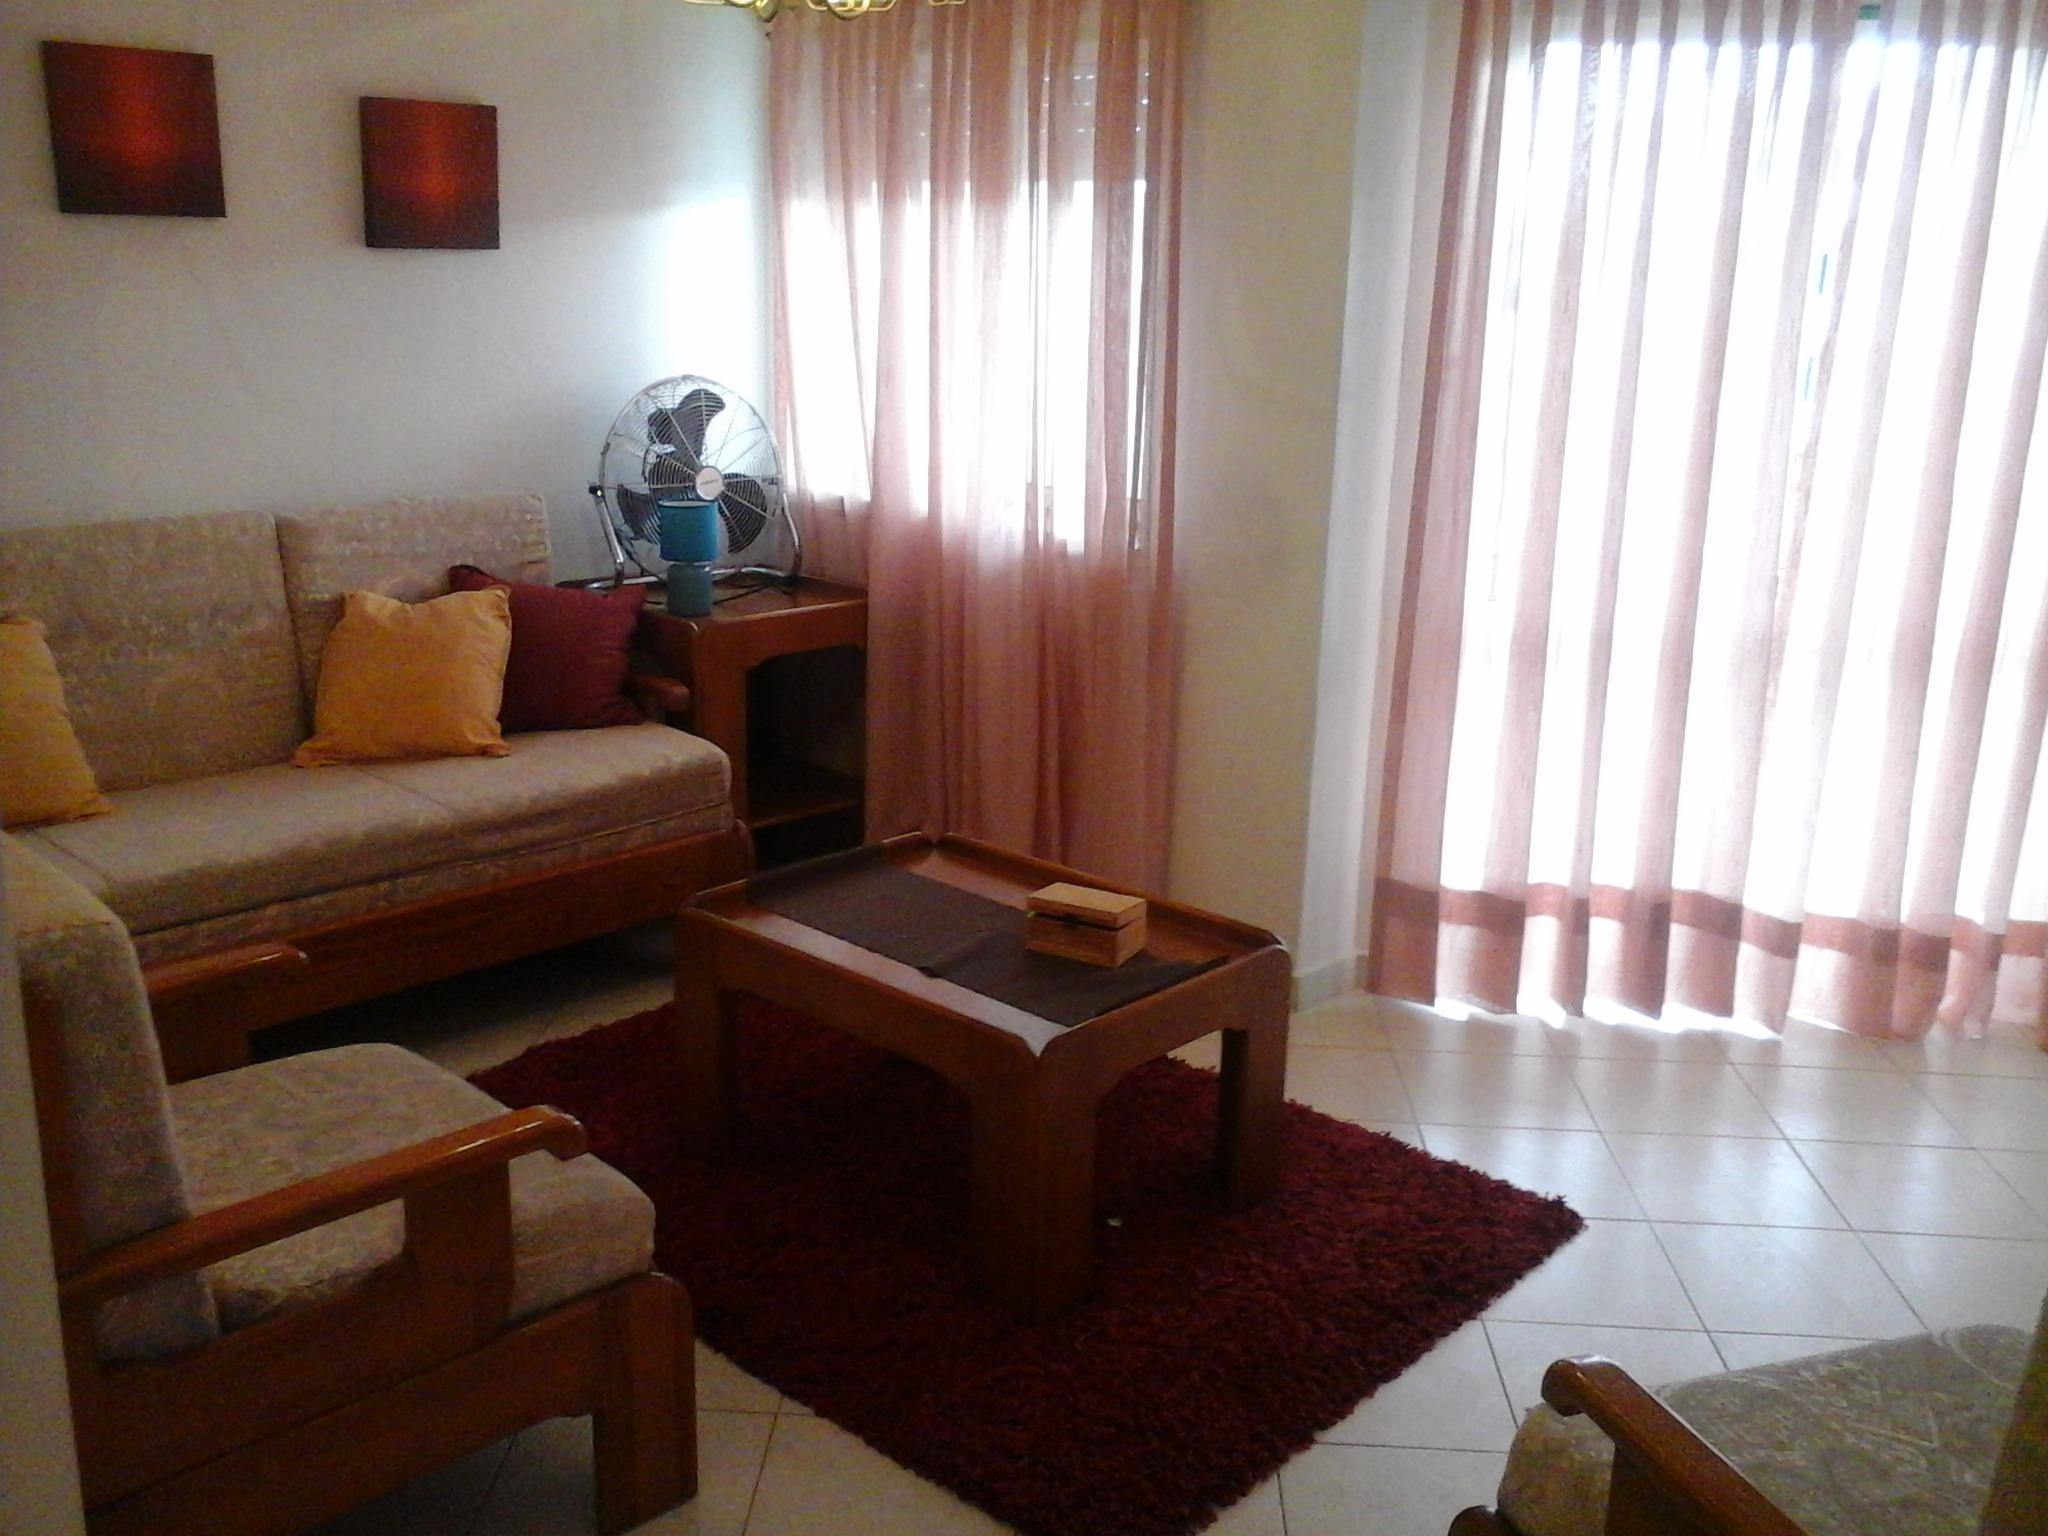 Holiday apartments and villas for rent, Apartamento 4 pessoas à beira mar com piscina Albufeira in Albufeira, Portugal Algarve, REF_IMG_15094_15103